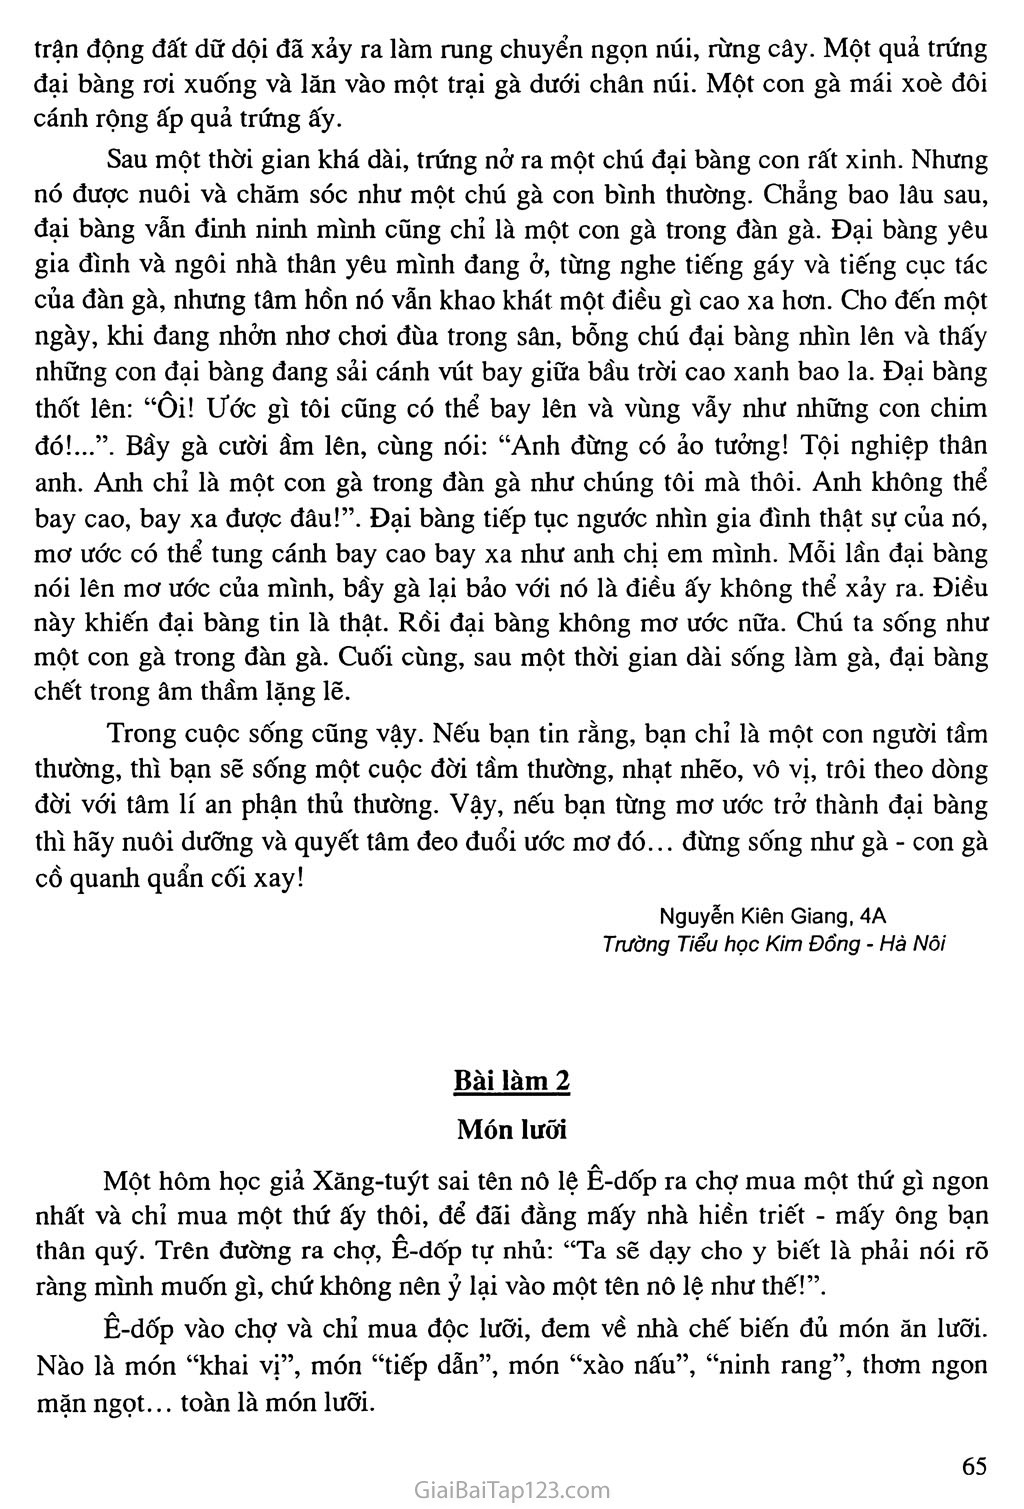 Bài 63: Kể lại một truyện ngụ ngôn hay, giàu ý nghĩa: Đại bàng và Gà trang 2